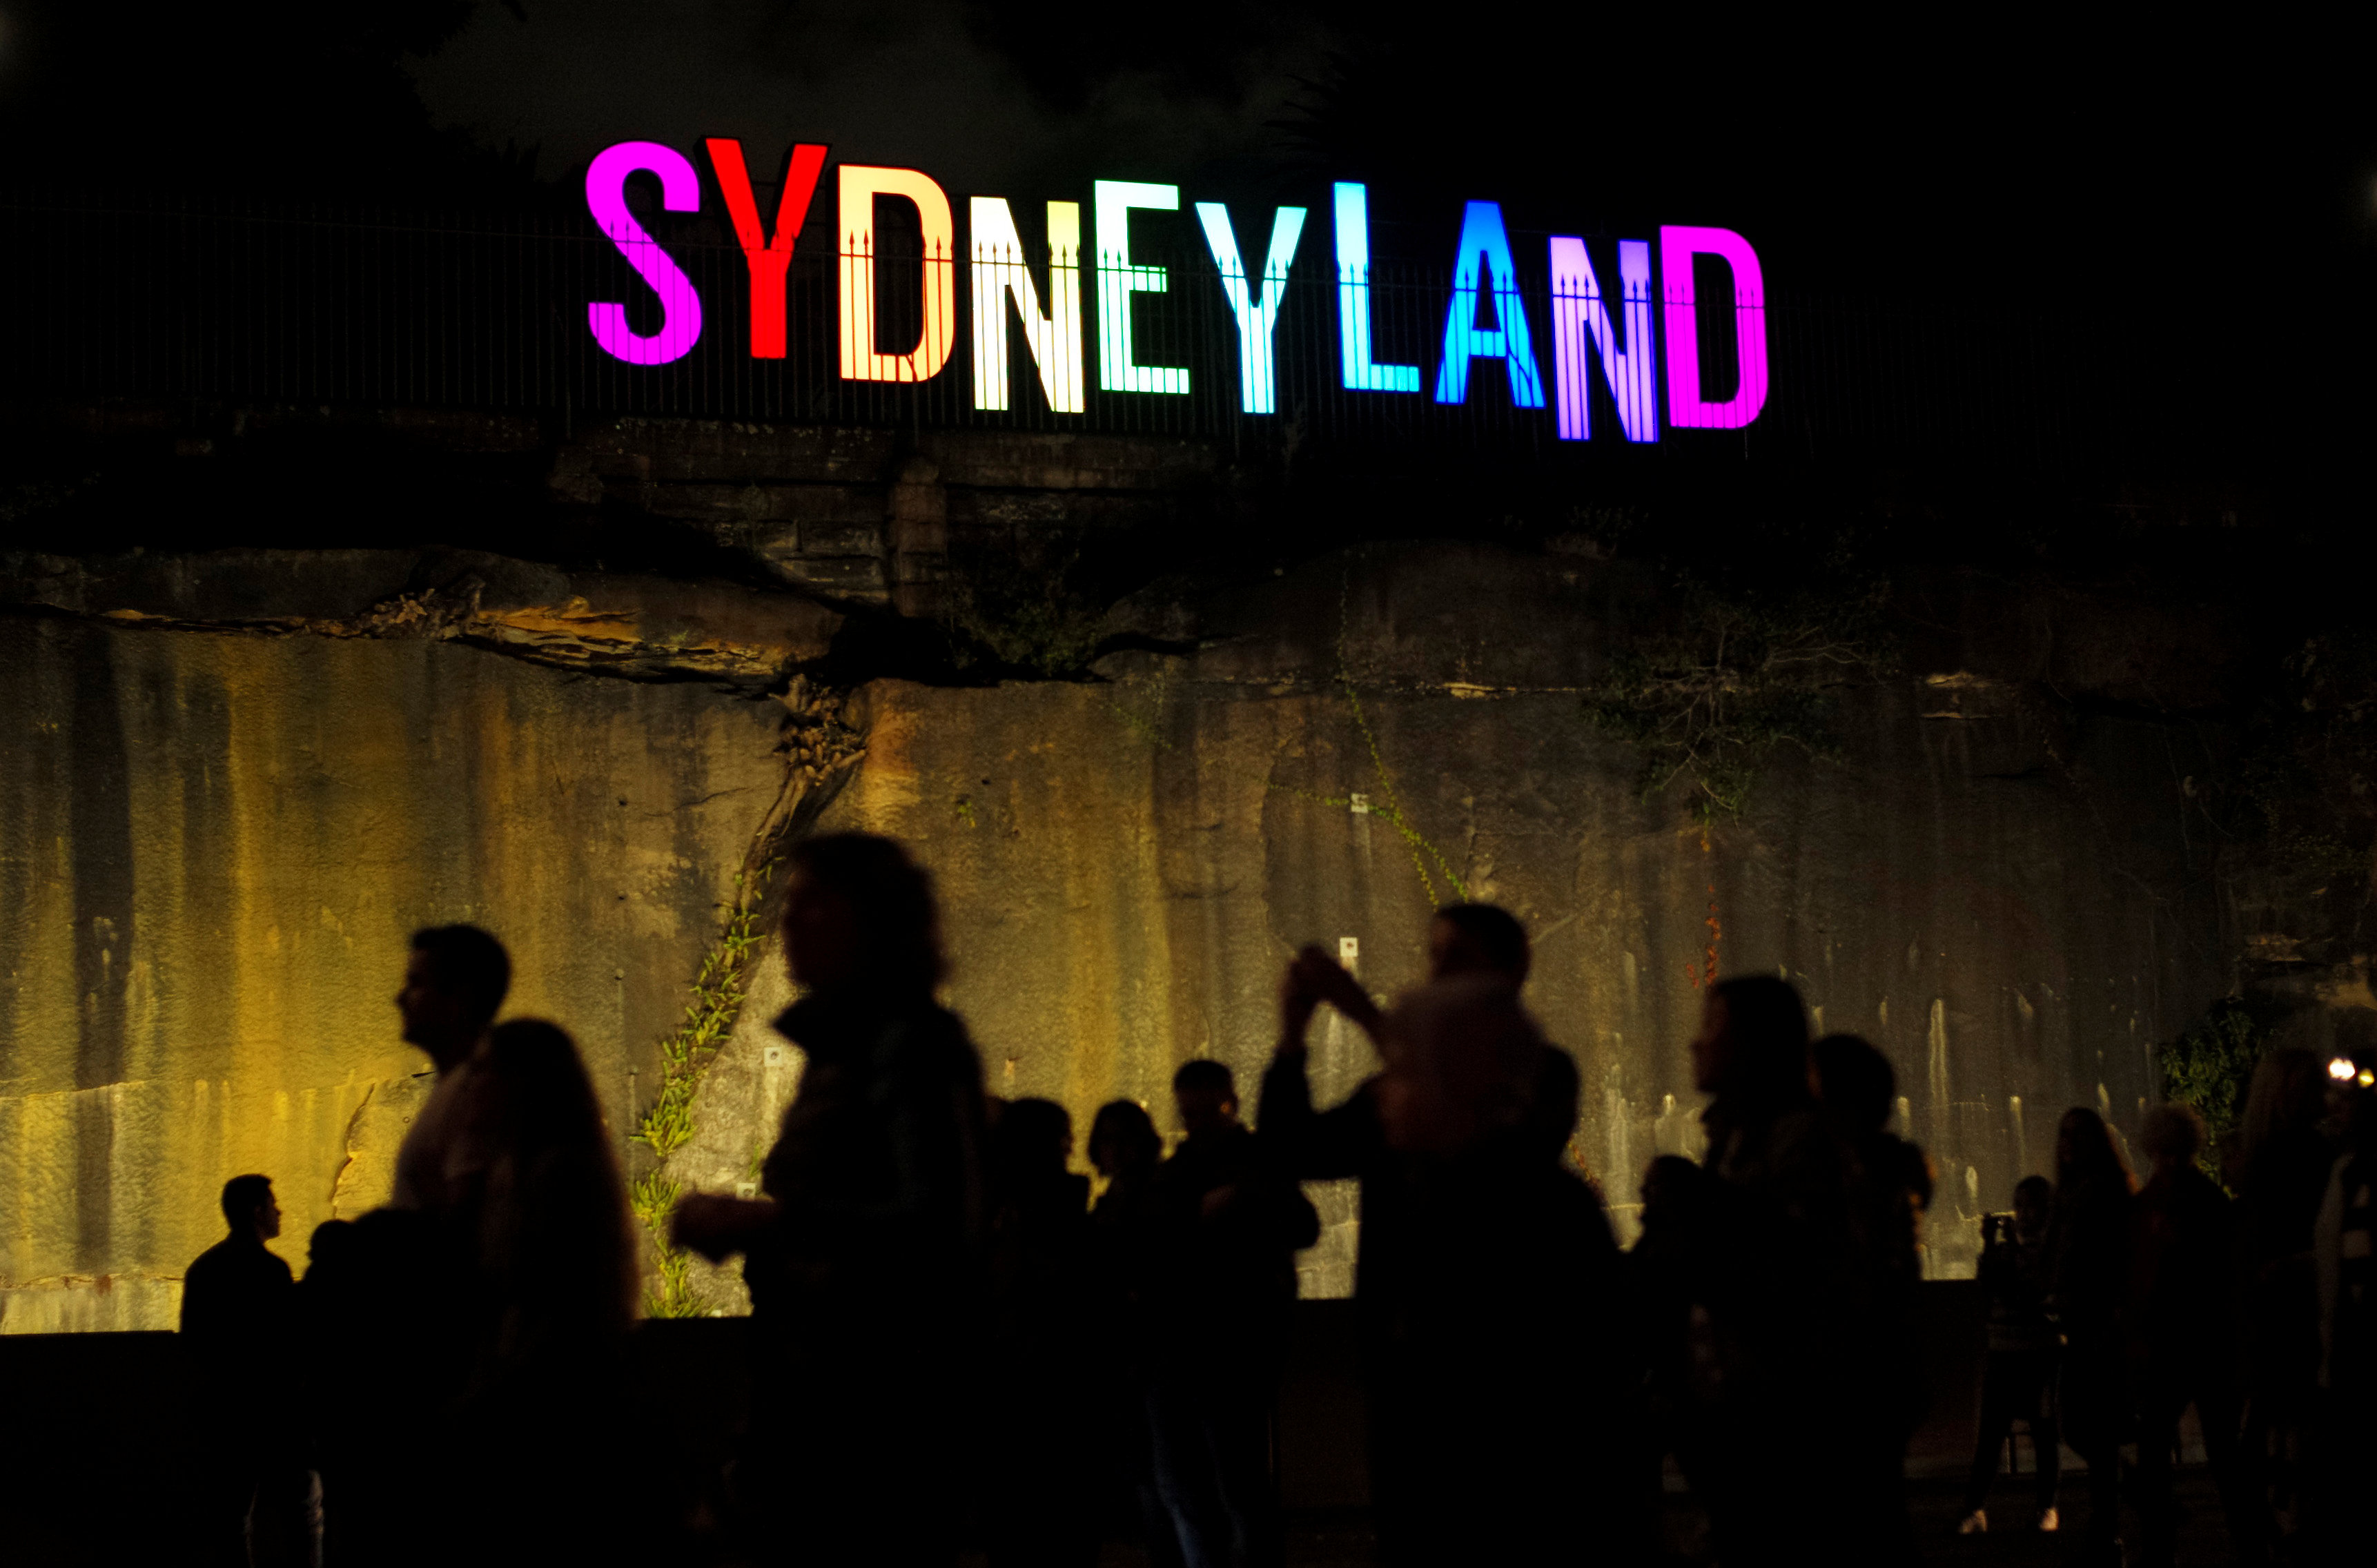 اضاءات زاهية ترسم سيدنى لاند على الجدران